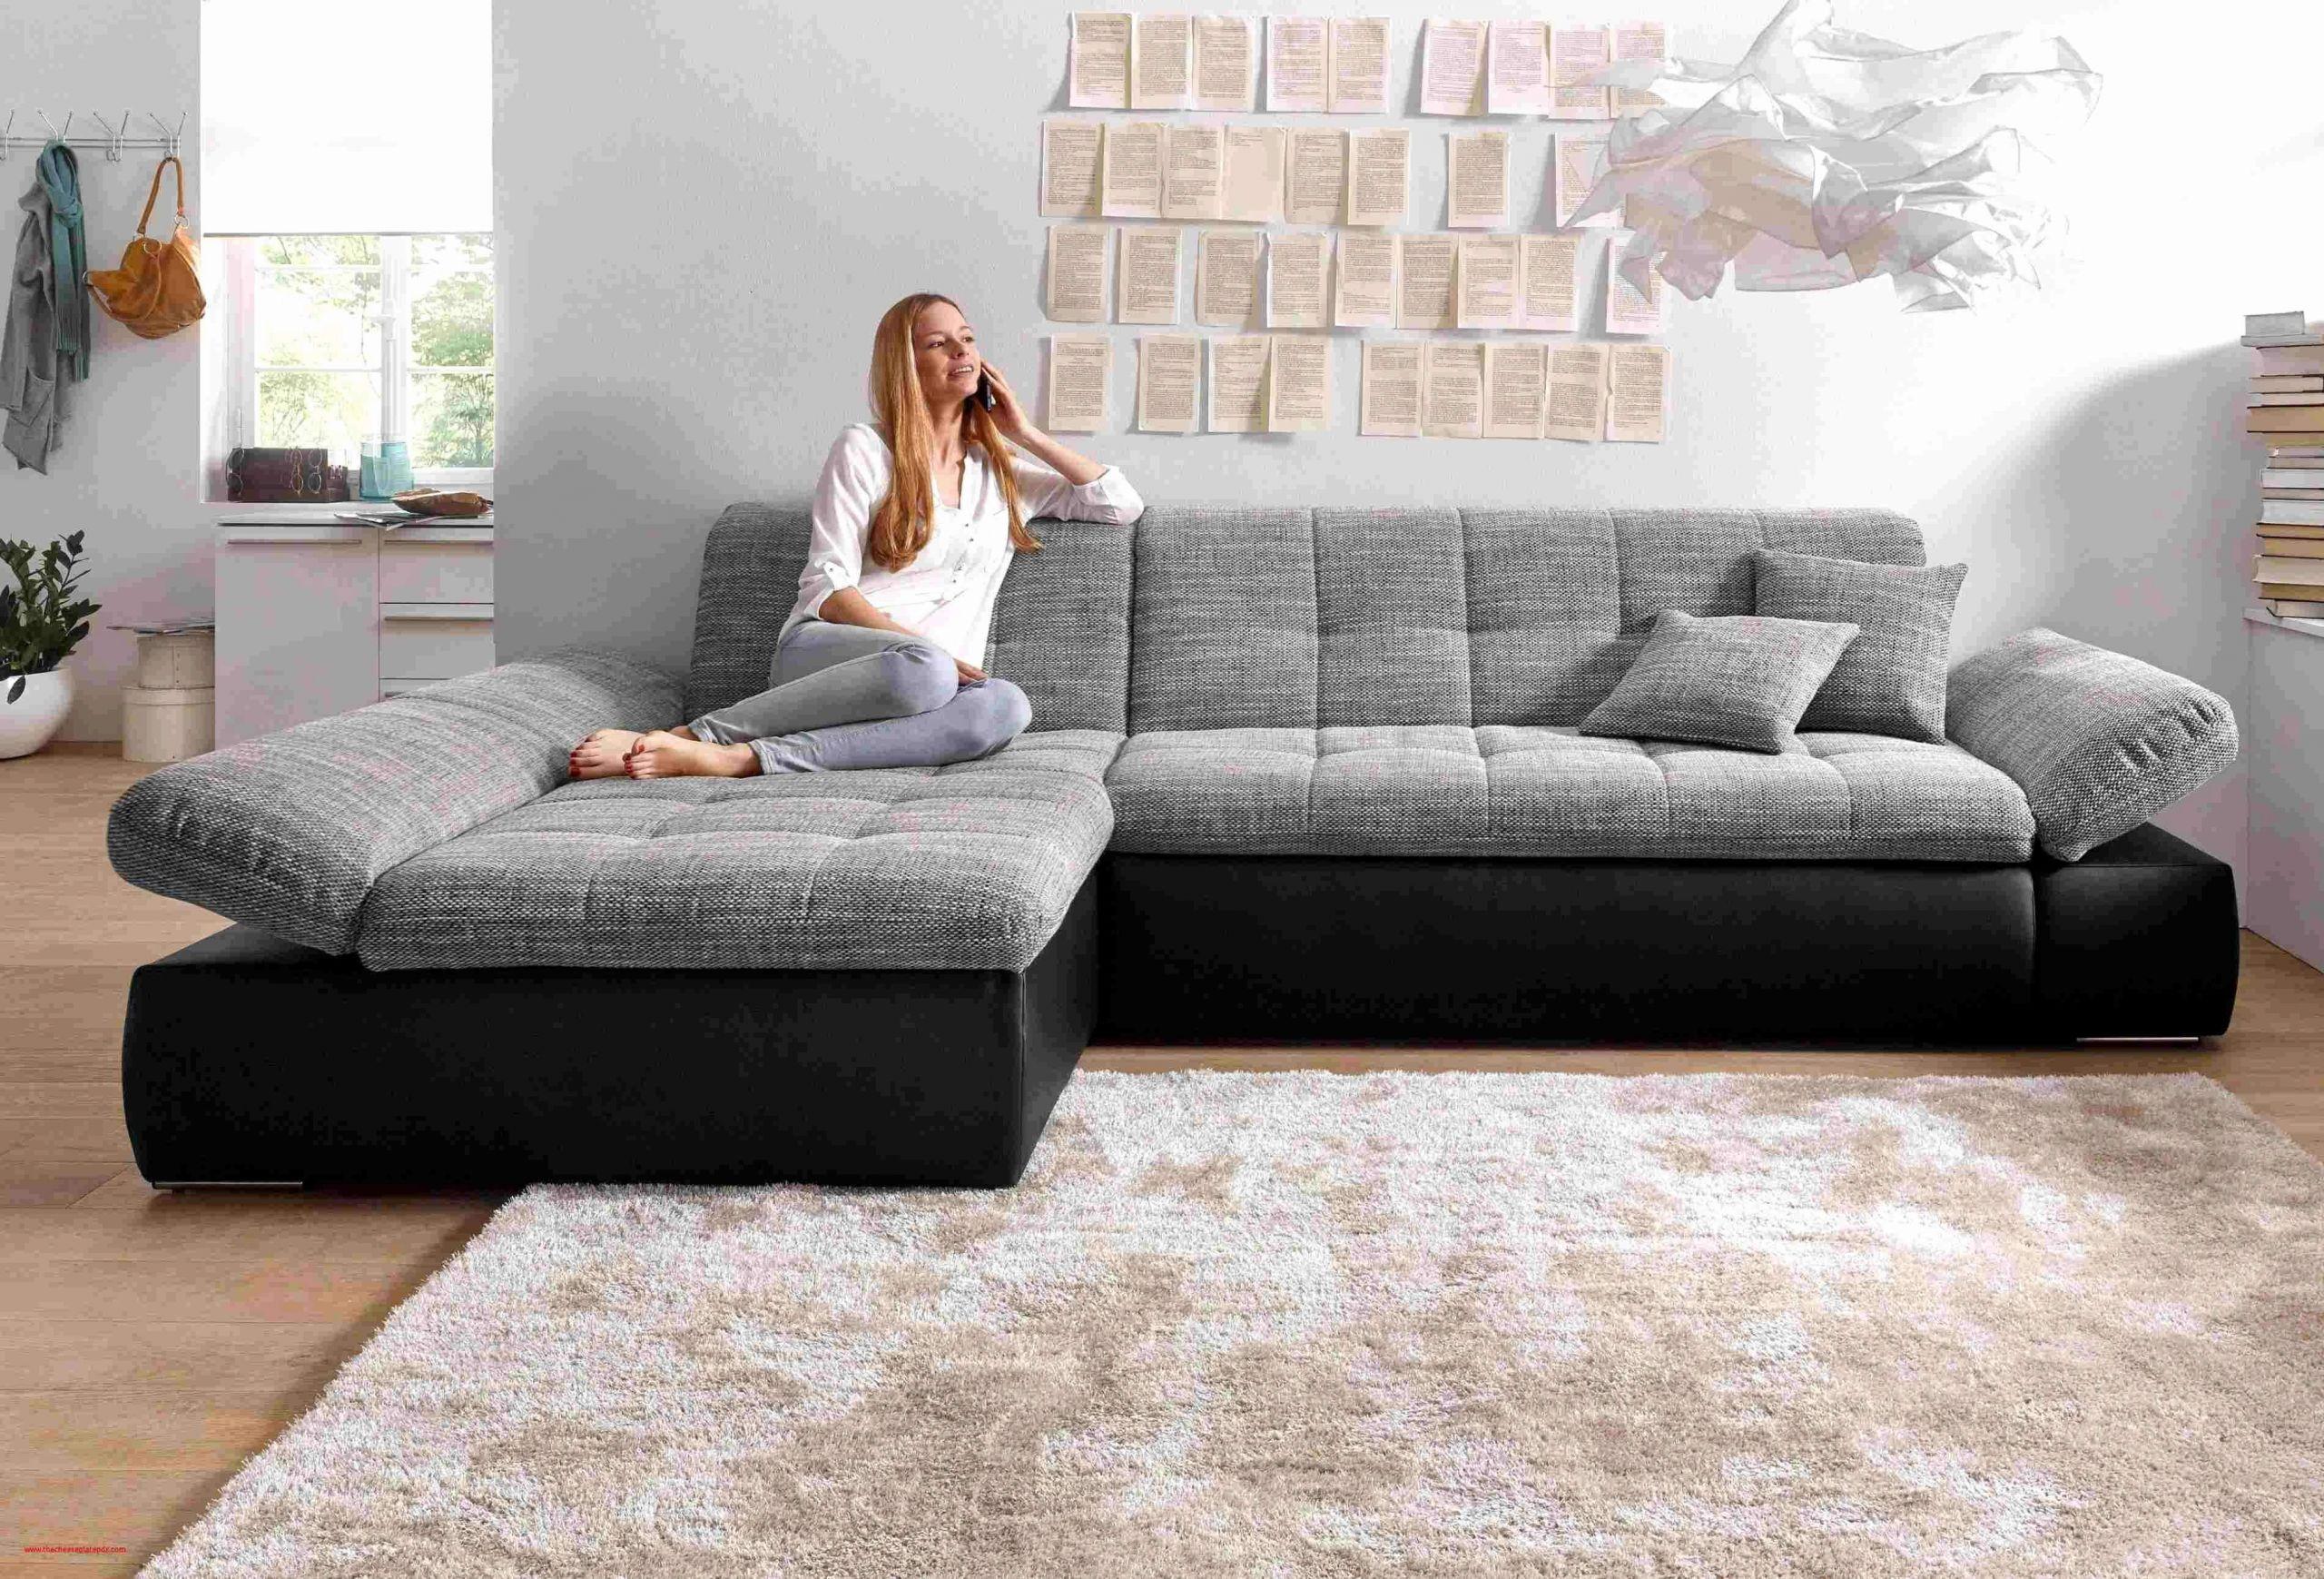 Full Size of Otto Versand Sofa Angebote Angebot Couch Sale Bed Chaise Ecksofa Mit Schlaffunktion Und Bettkasten Sofatisch Bettfunktion Grau Leder Sofatische Wohnzimmer Wohnzimmer Otto Sofa